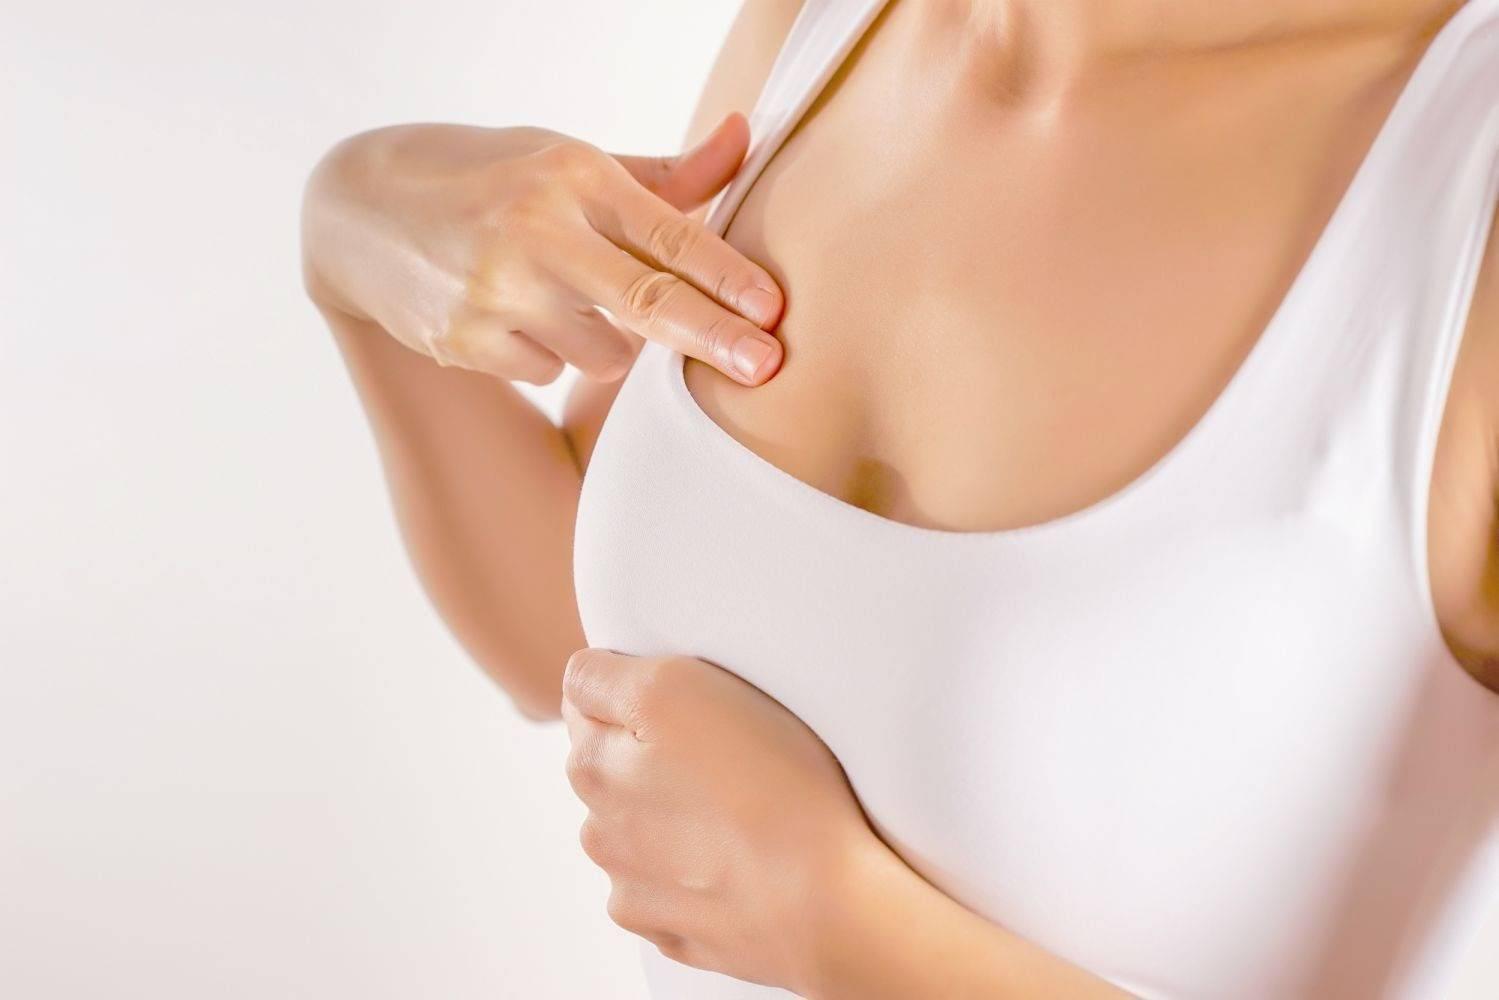 Самообследование молочных желез – чтобы не допустить рак груди